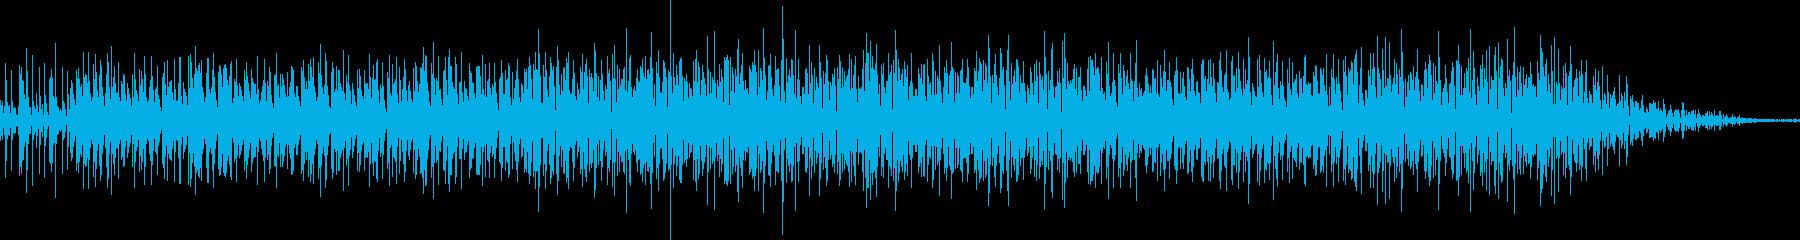 変わったタイプのbeatsの再生済みの波形